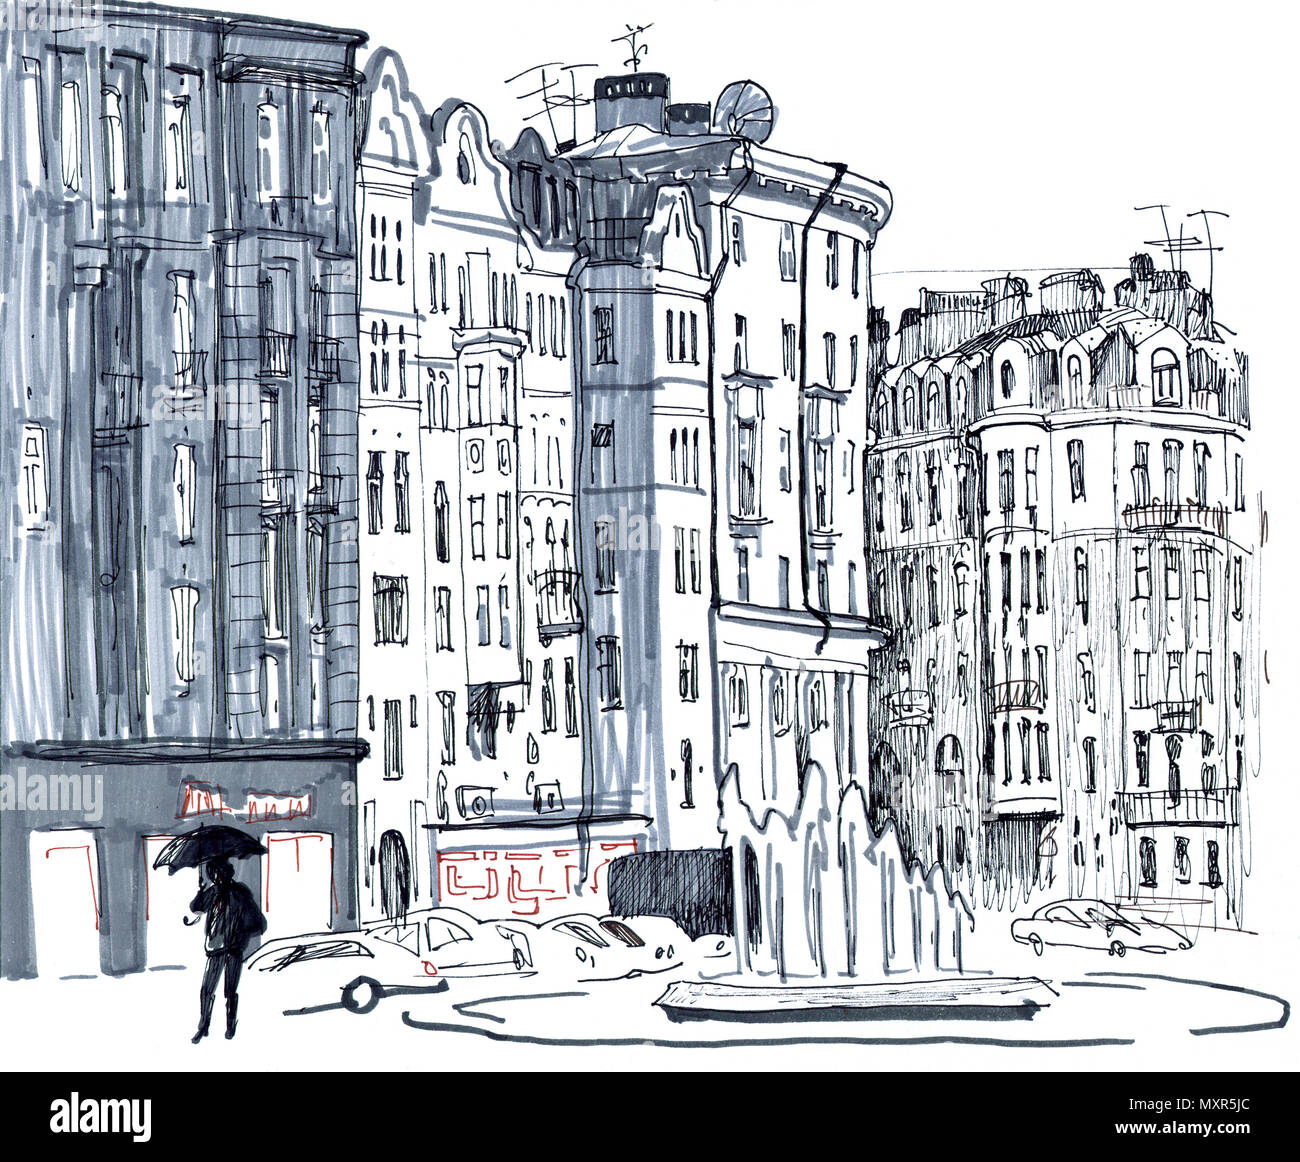 Scena cittadina. Sketchy stile disegnato a mano pennarello illustrazione in tonalità di grigio. Giorno di pioggia, vecchie case, street, fontana, automobili, figura umana con l'ombrello. San Pietroburgo, Russia. Immagini Stock